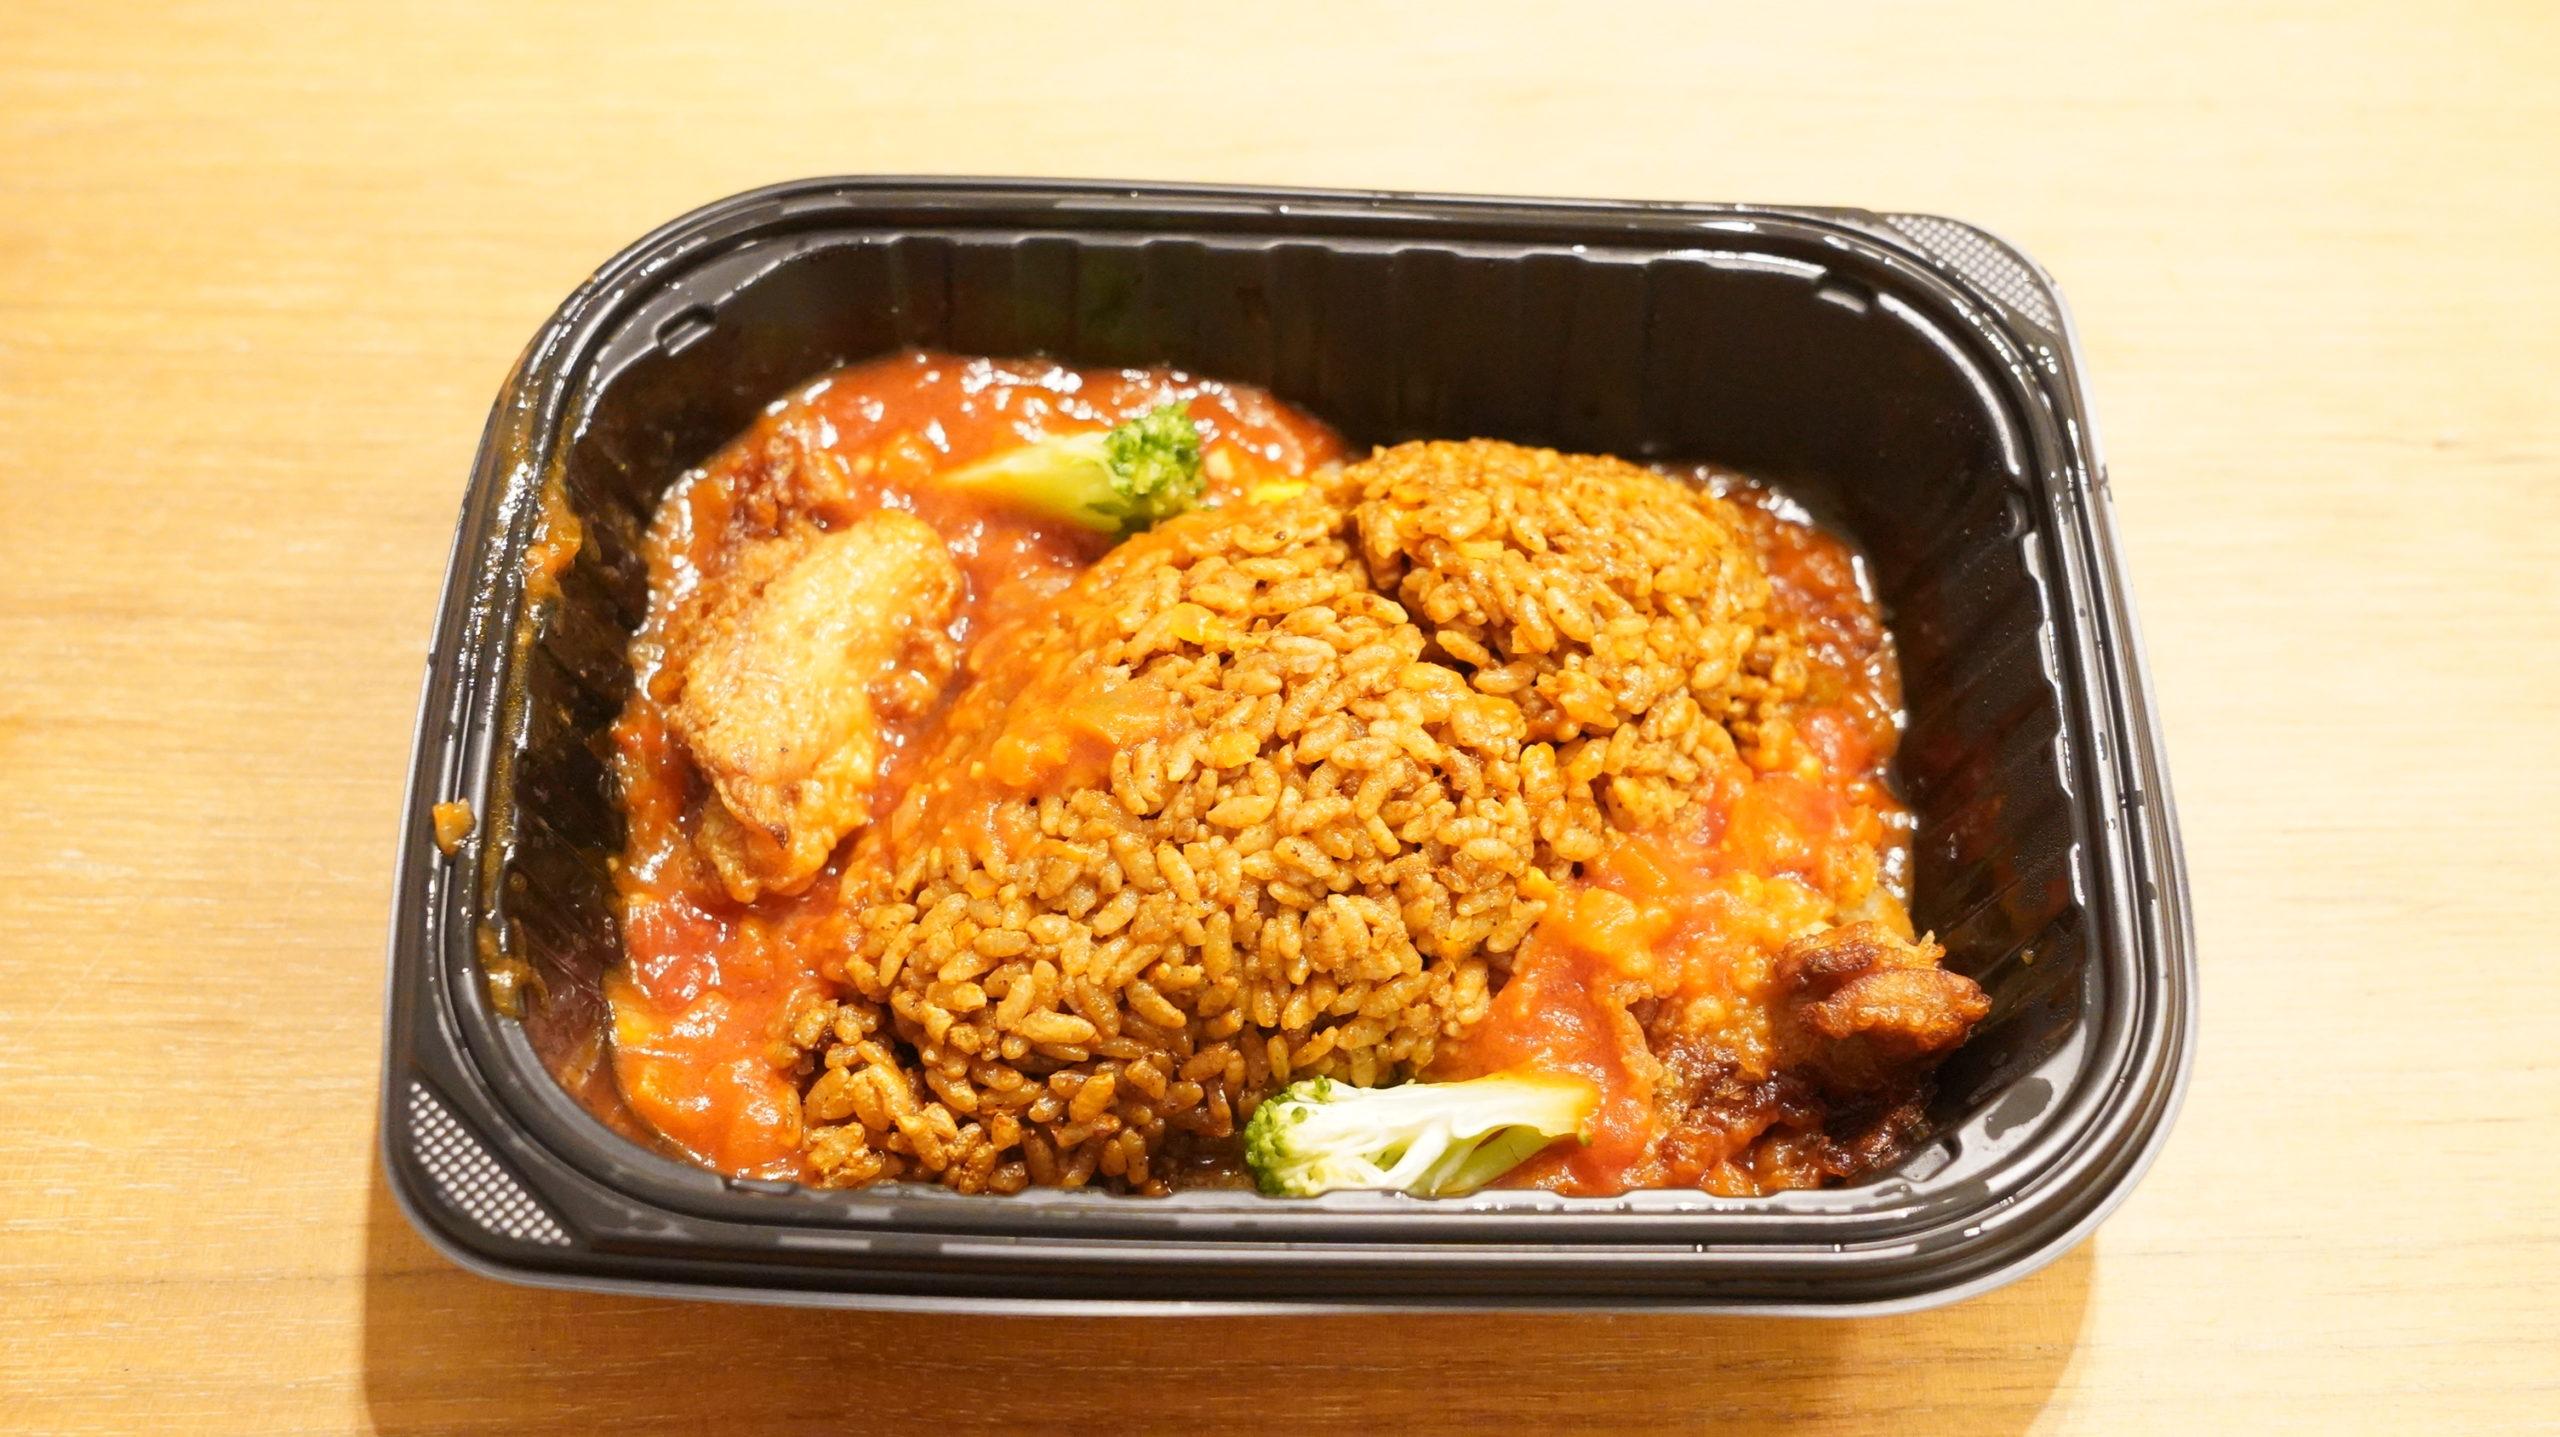 ファミリーマートの冷凍食品「ピリ旨!スパイシージャンバラヤ」を上から撮影した写真